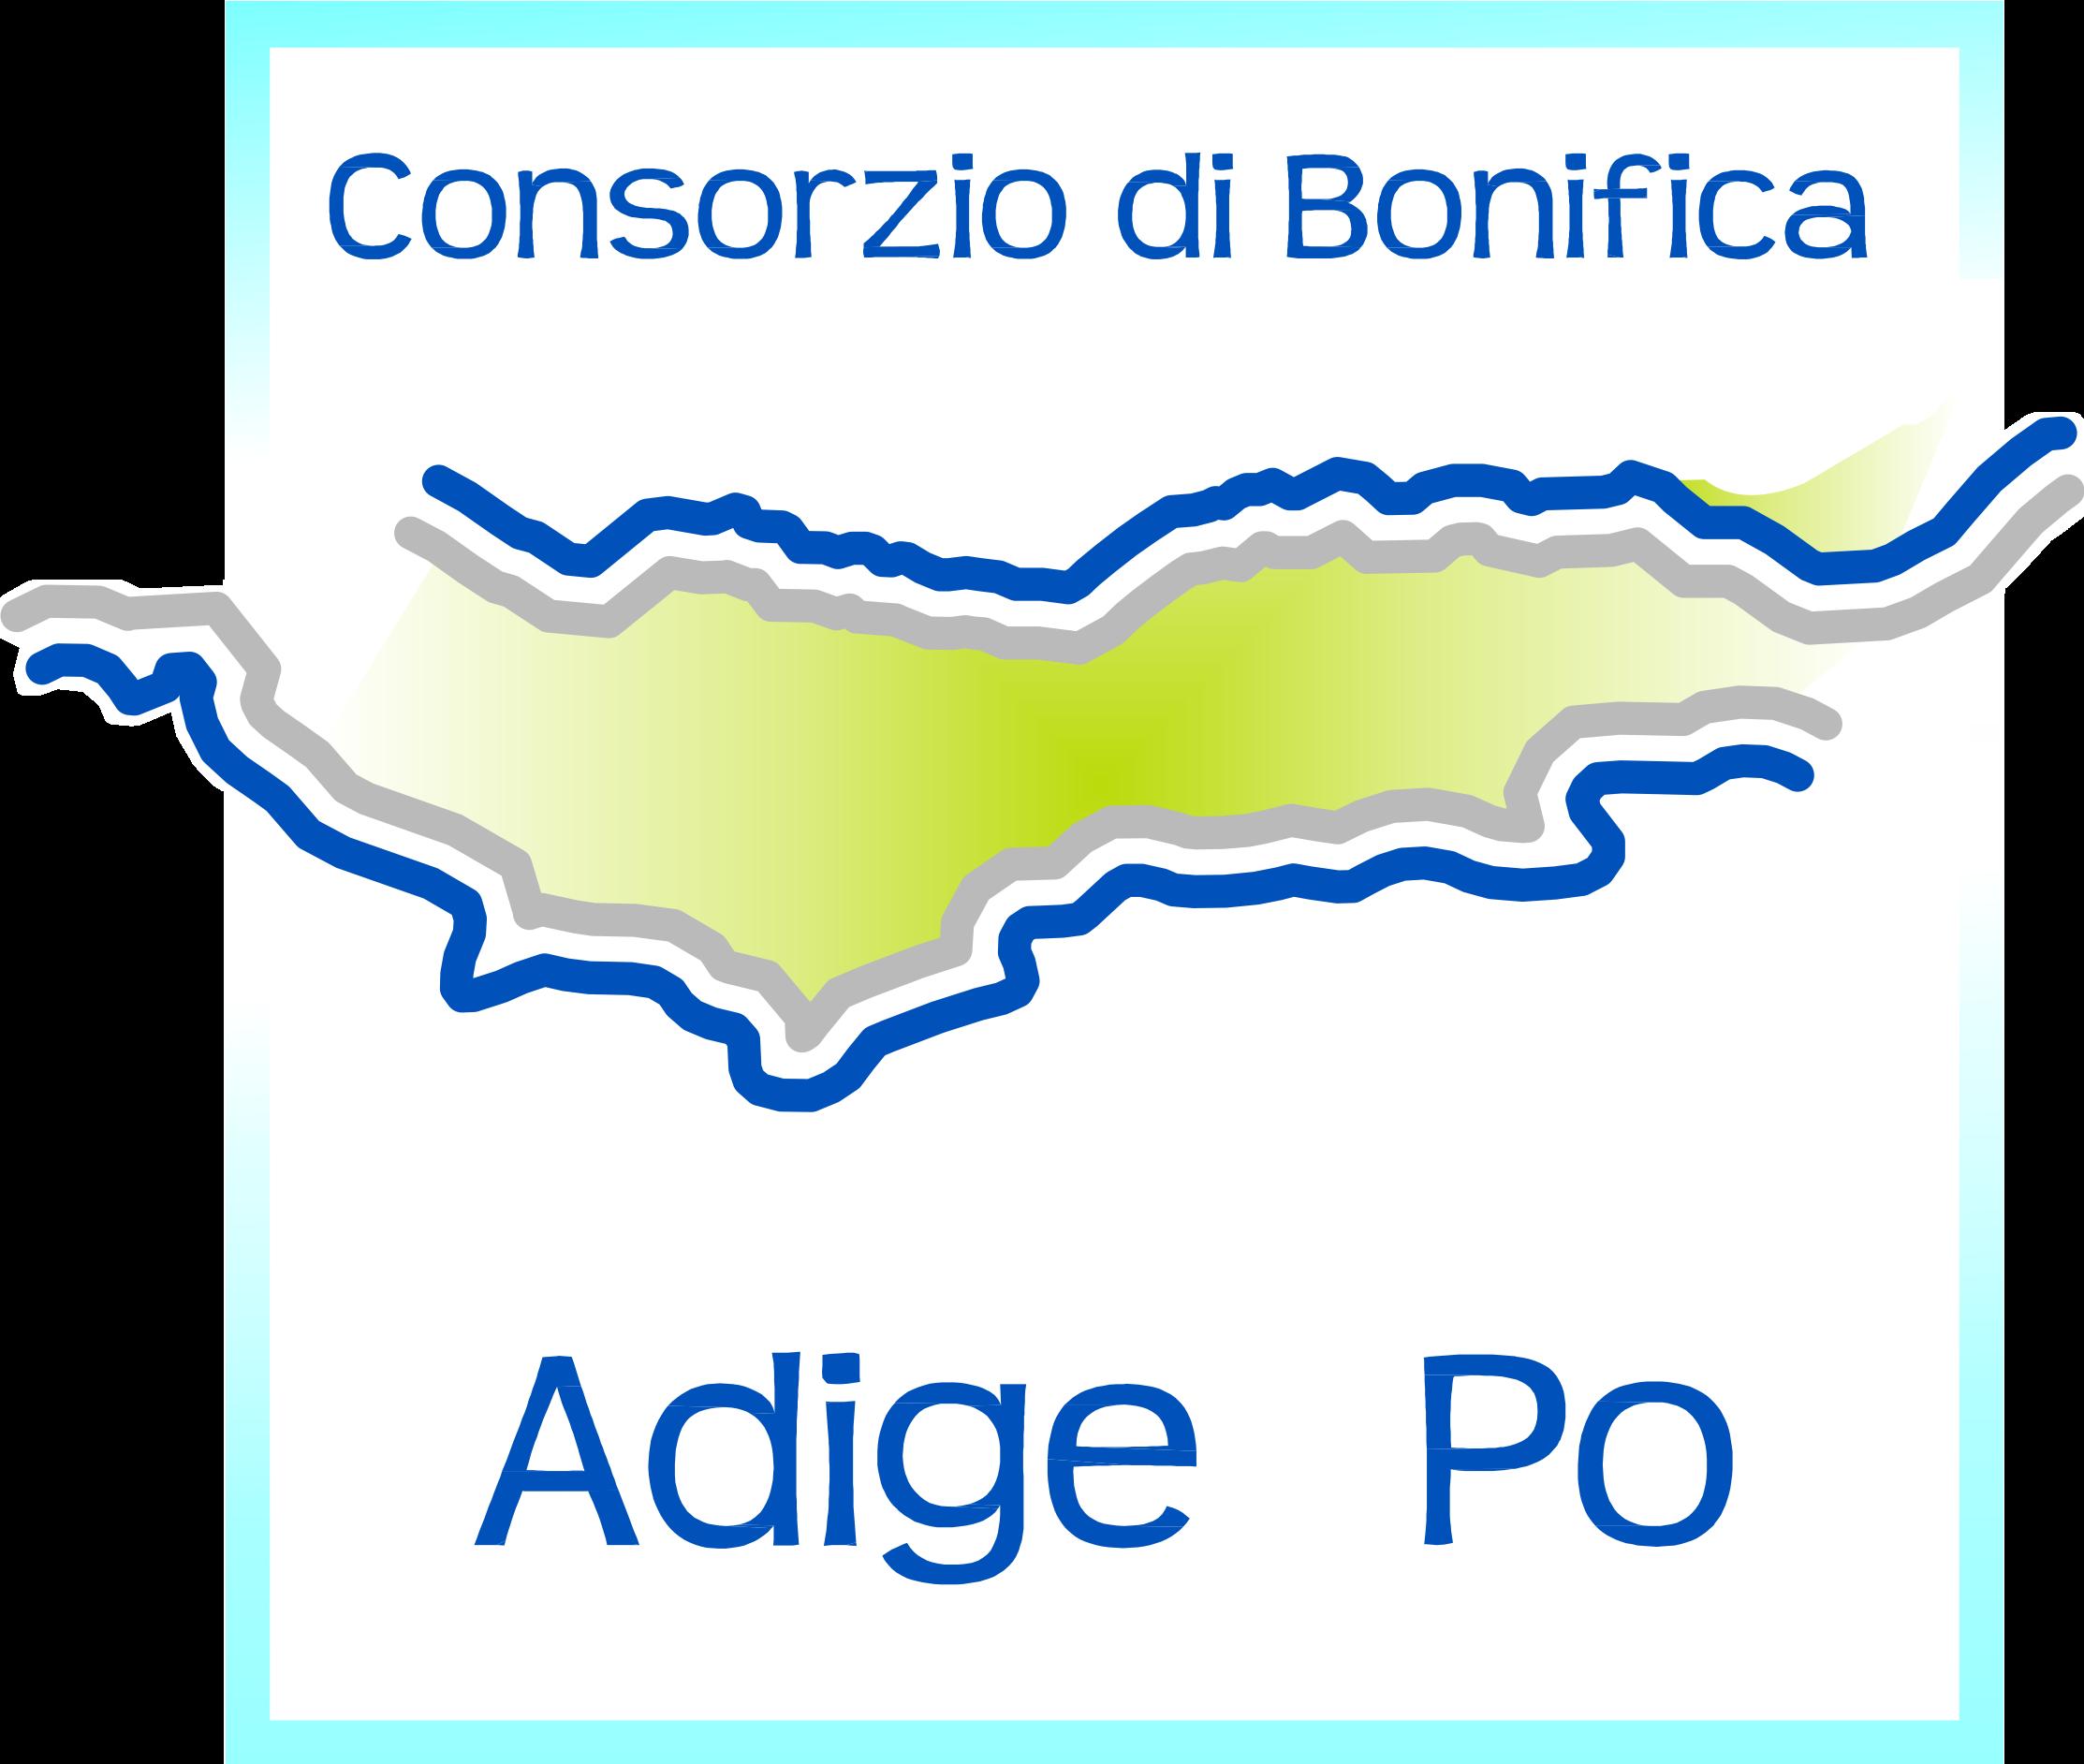 Consorzio di Bonifica Adige Po